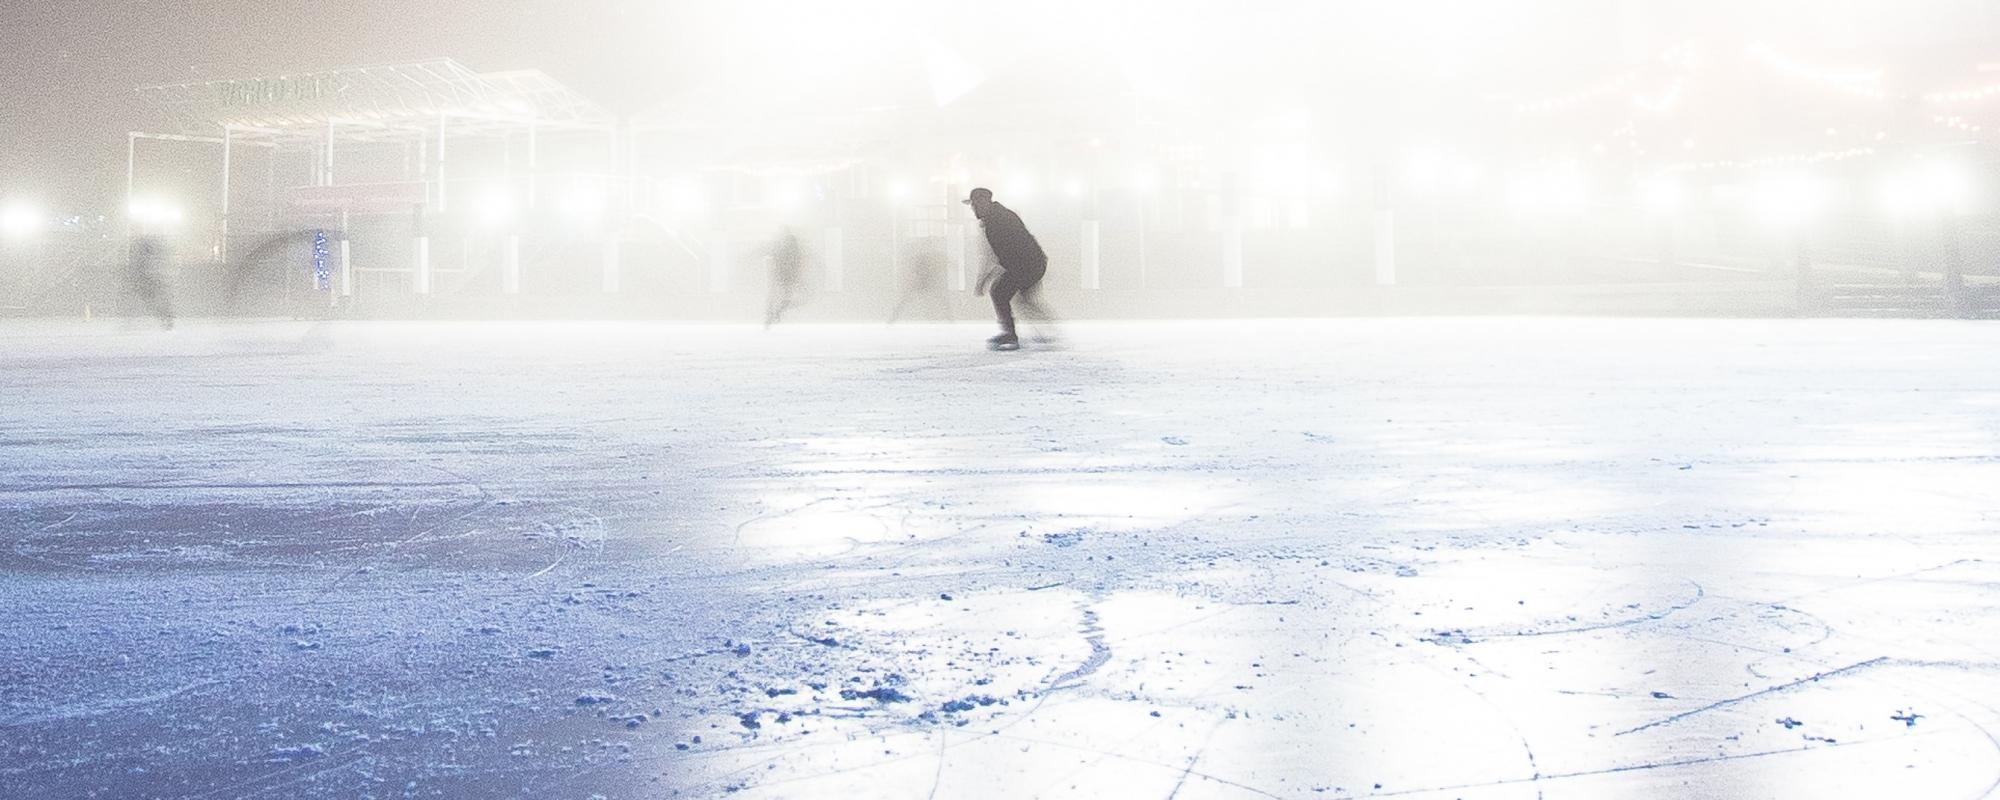 En person åker skridskor på en isbana.